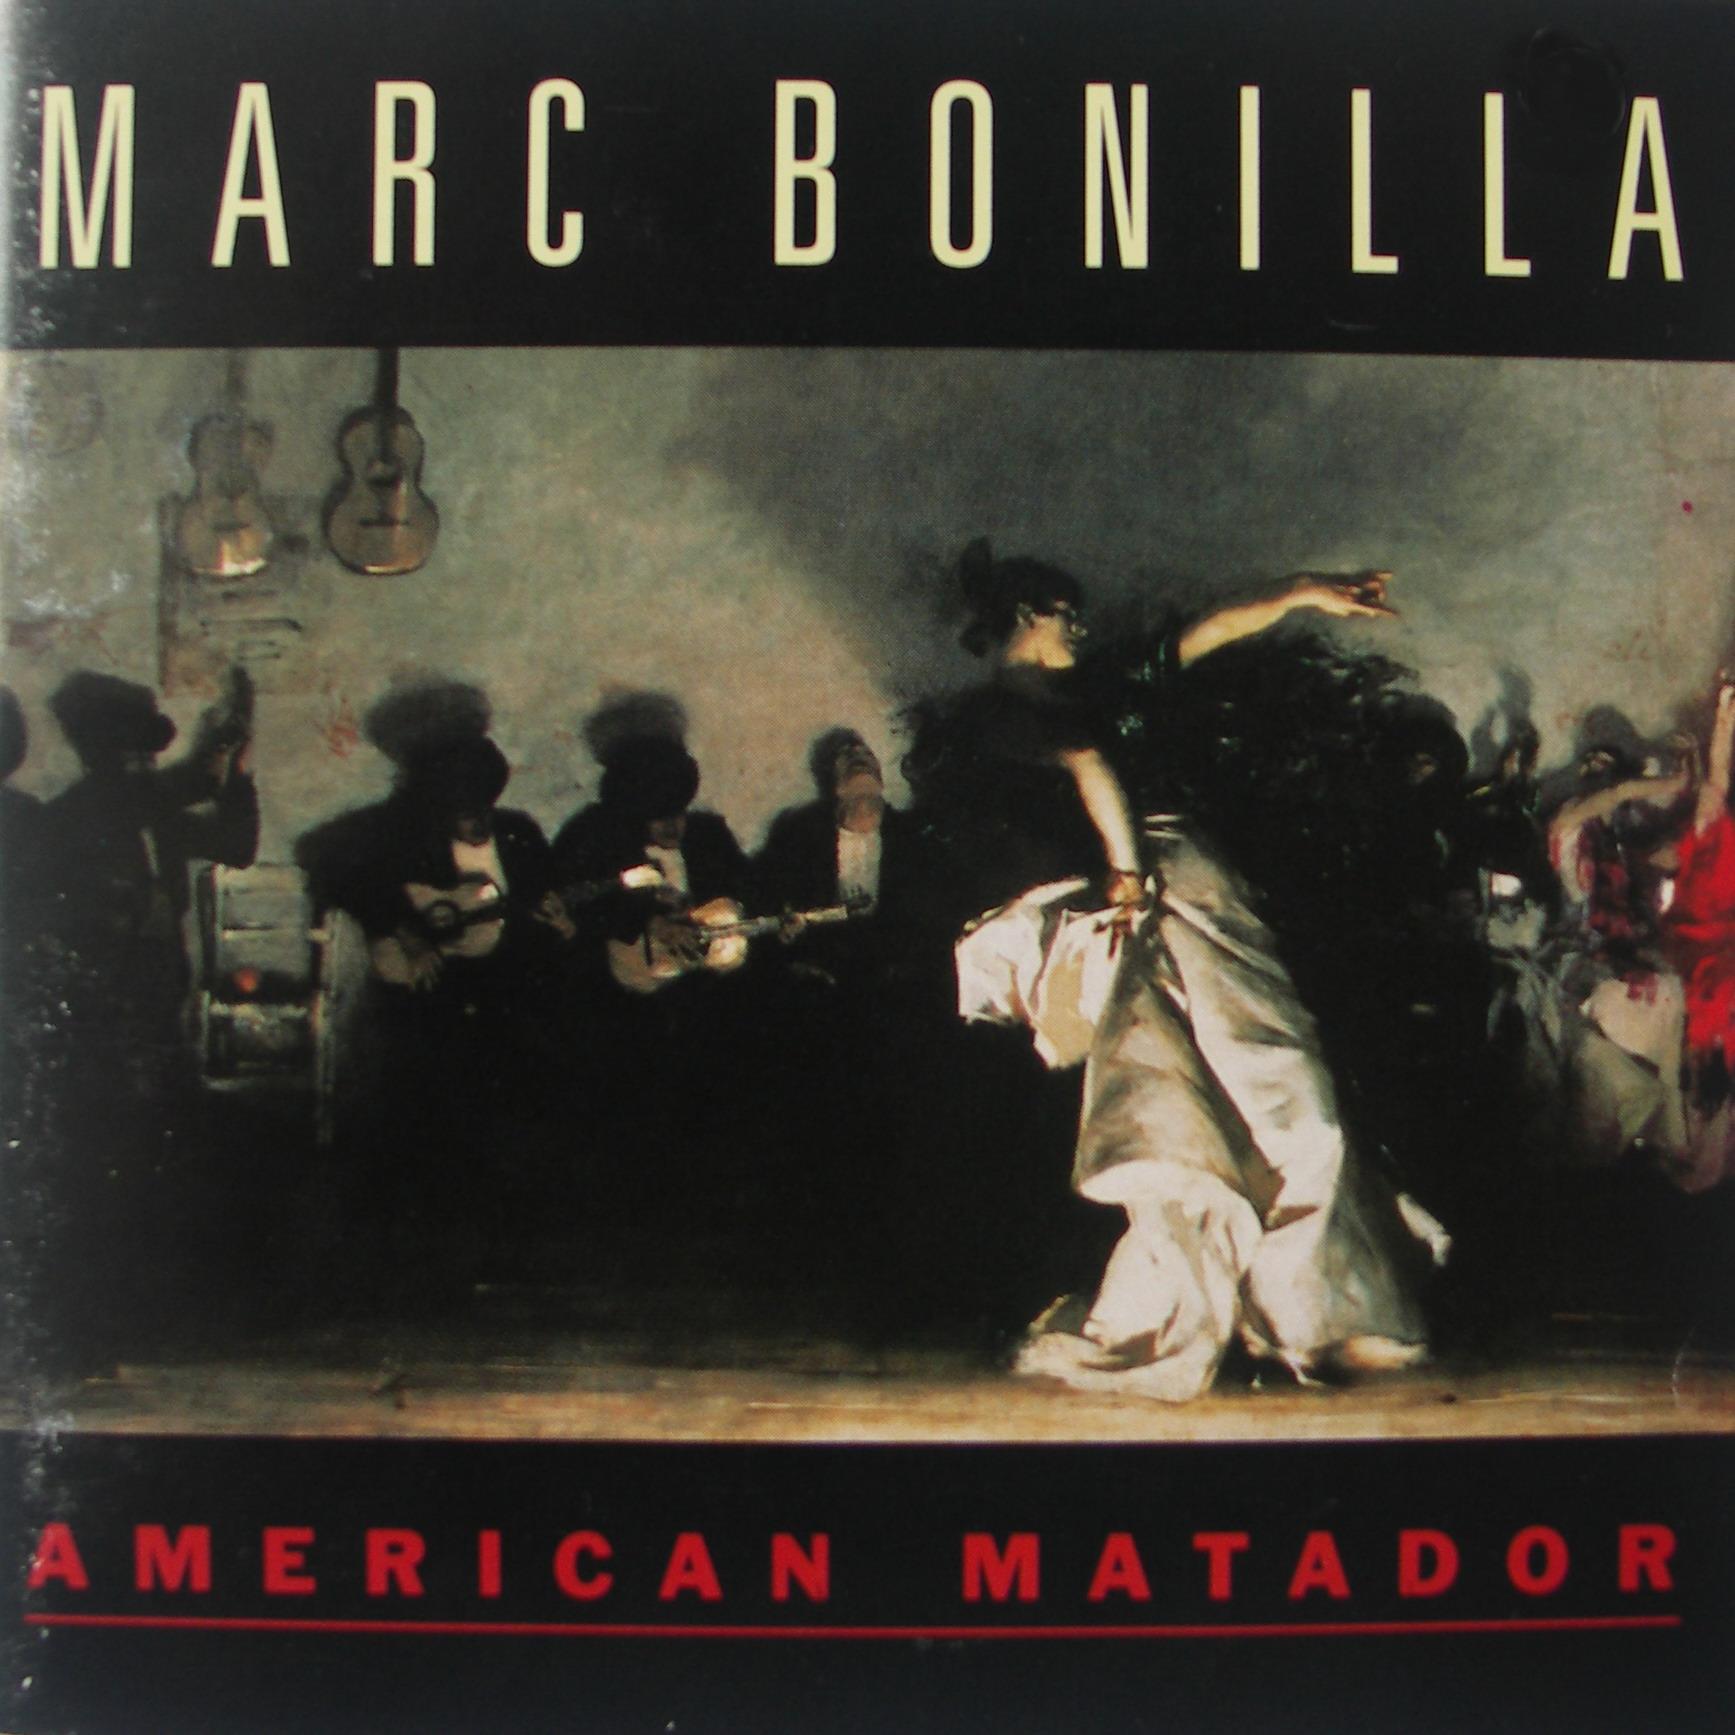 1993 Marc Bonilla – American Matador